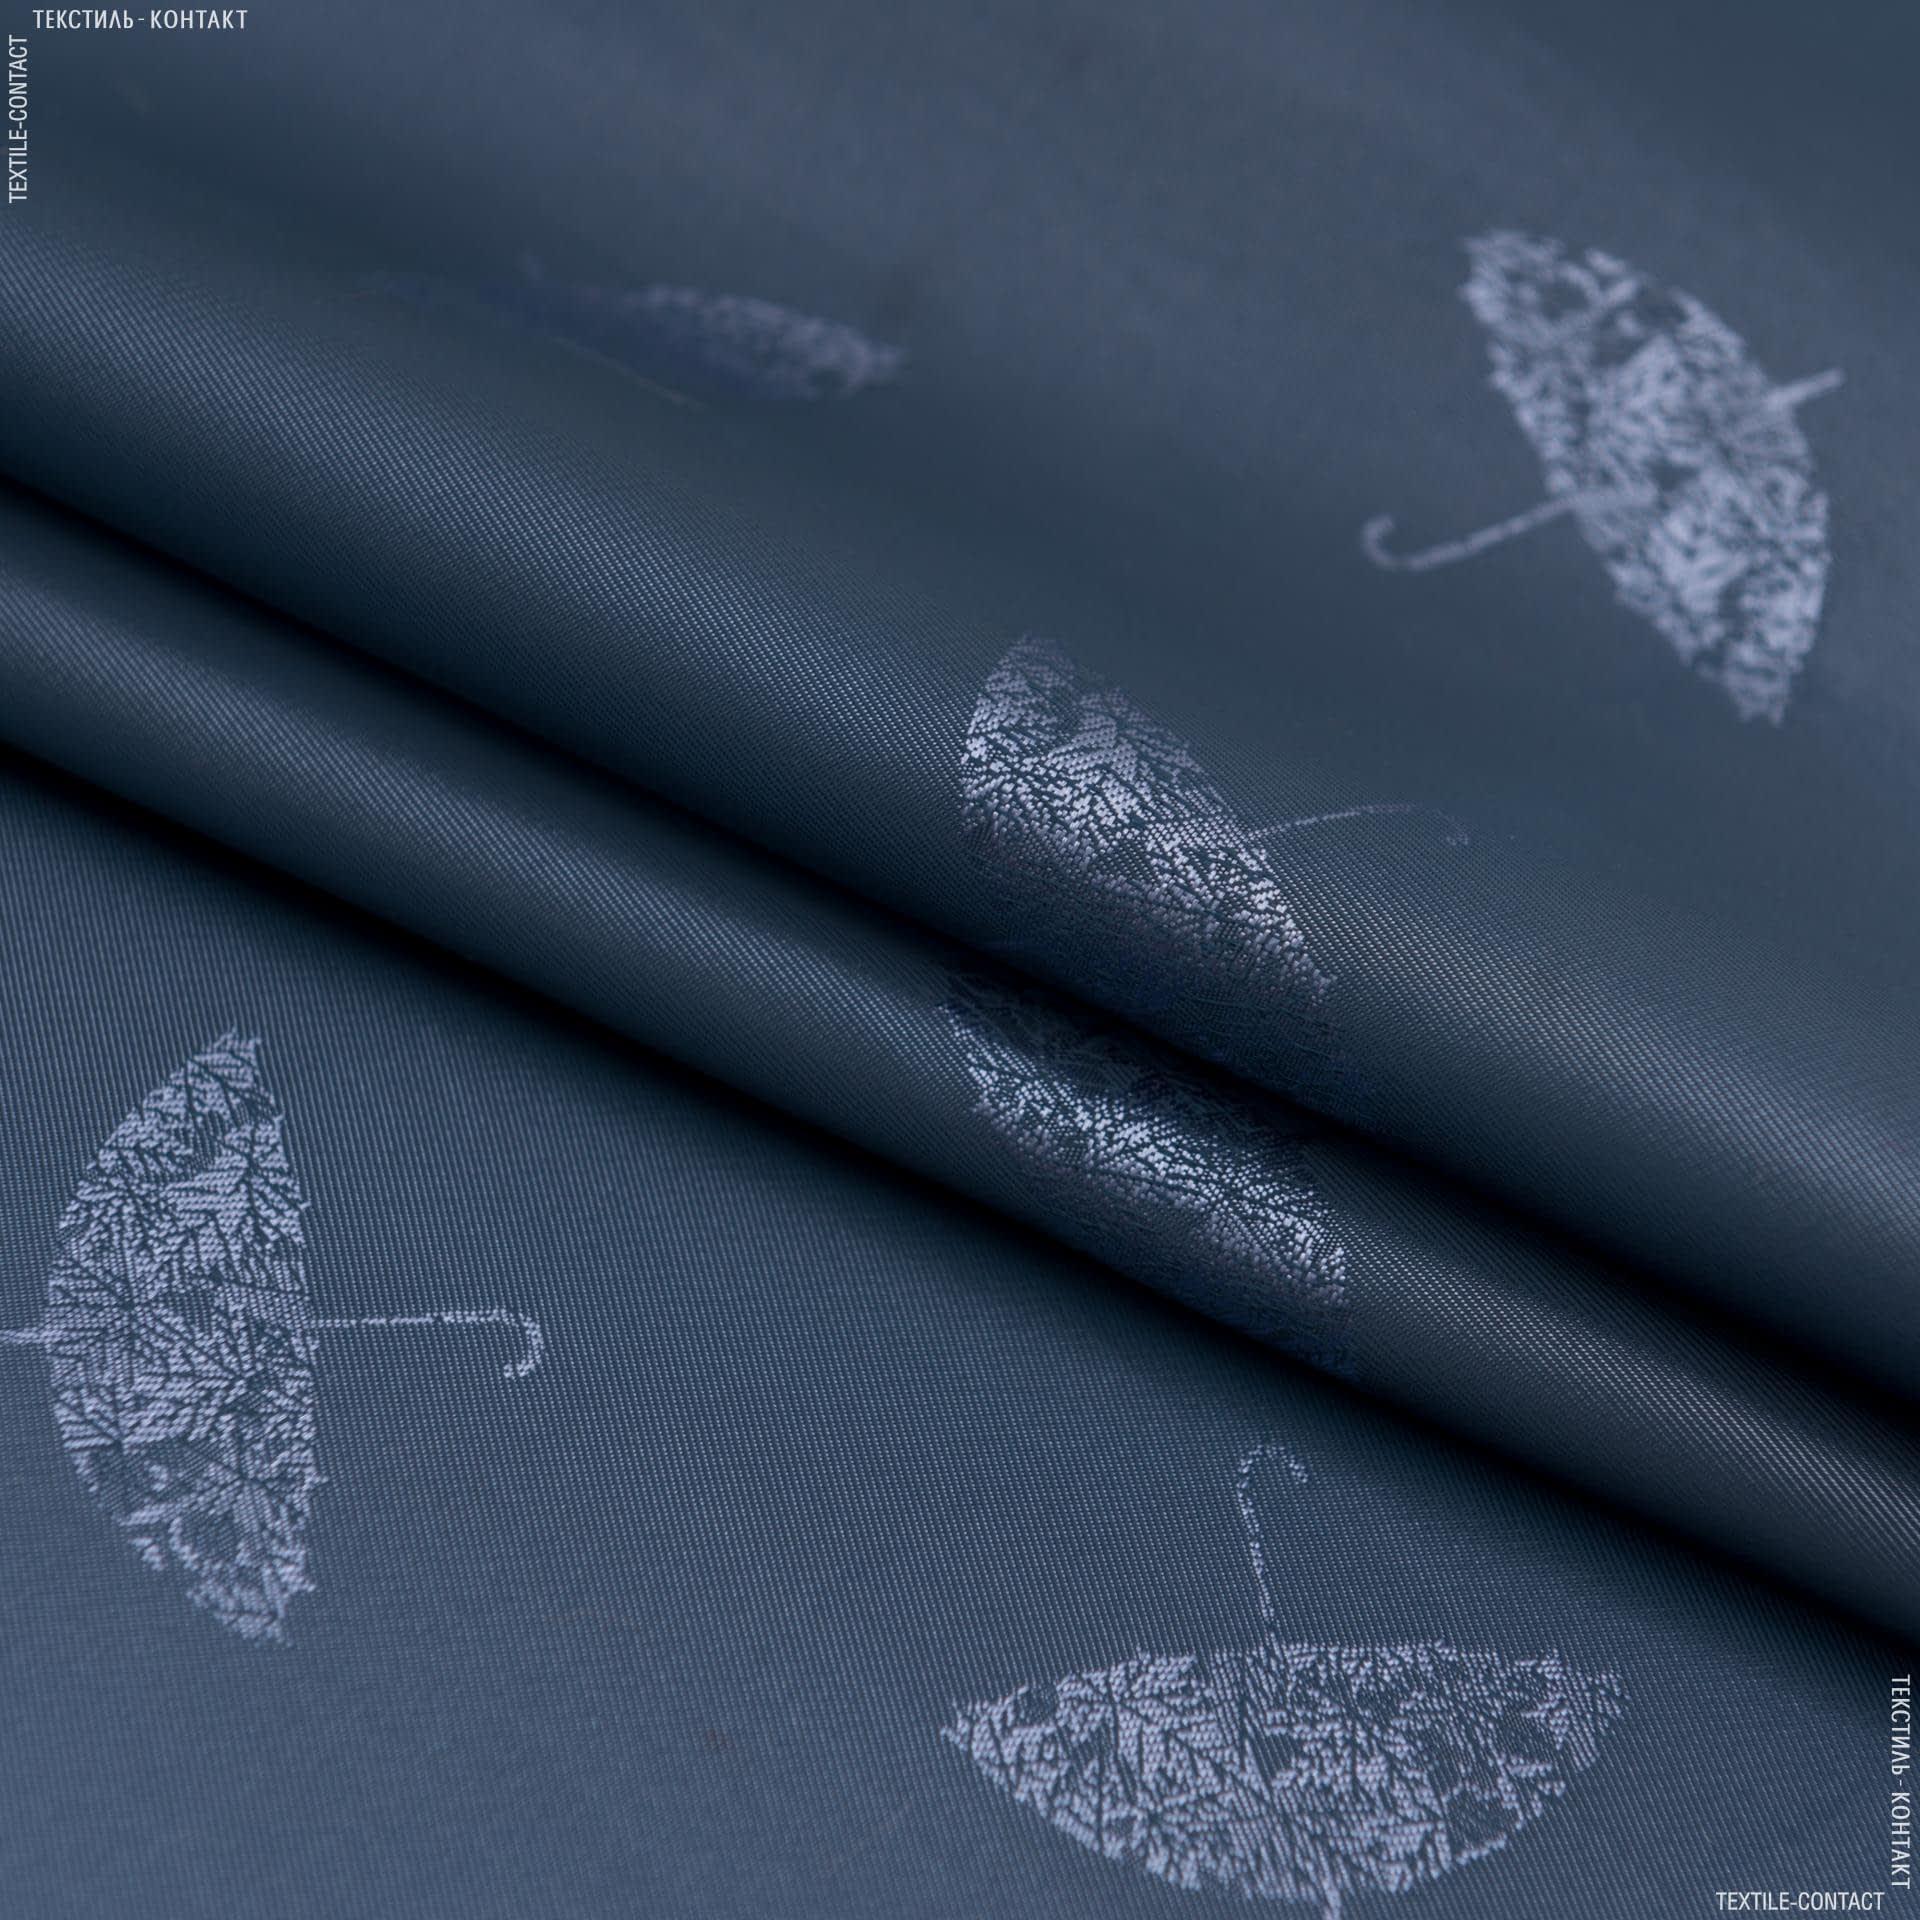 Тканини підкладкова тканина - Підкладковий жакард індіго